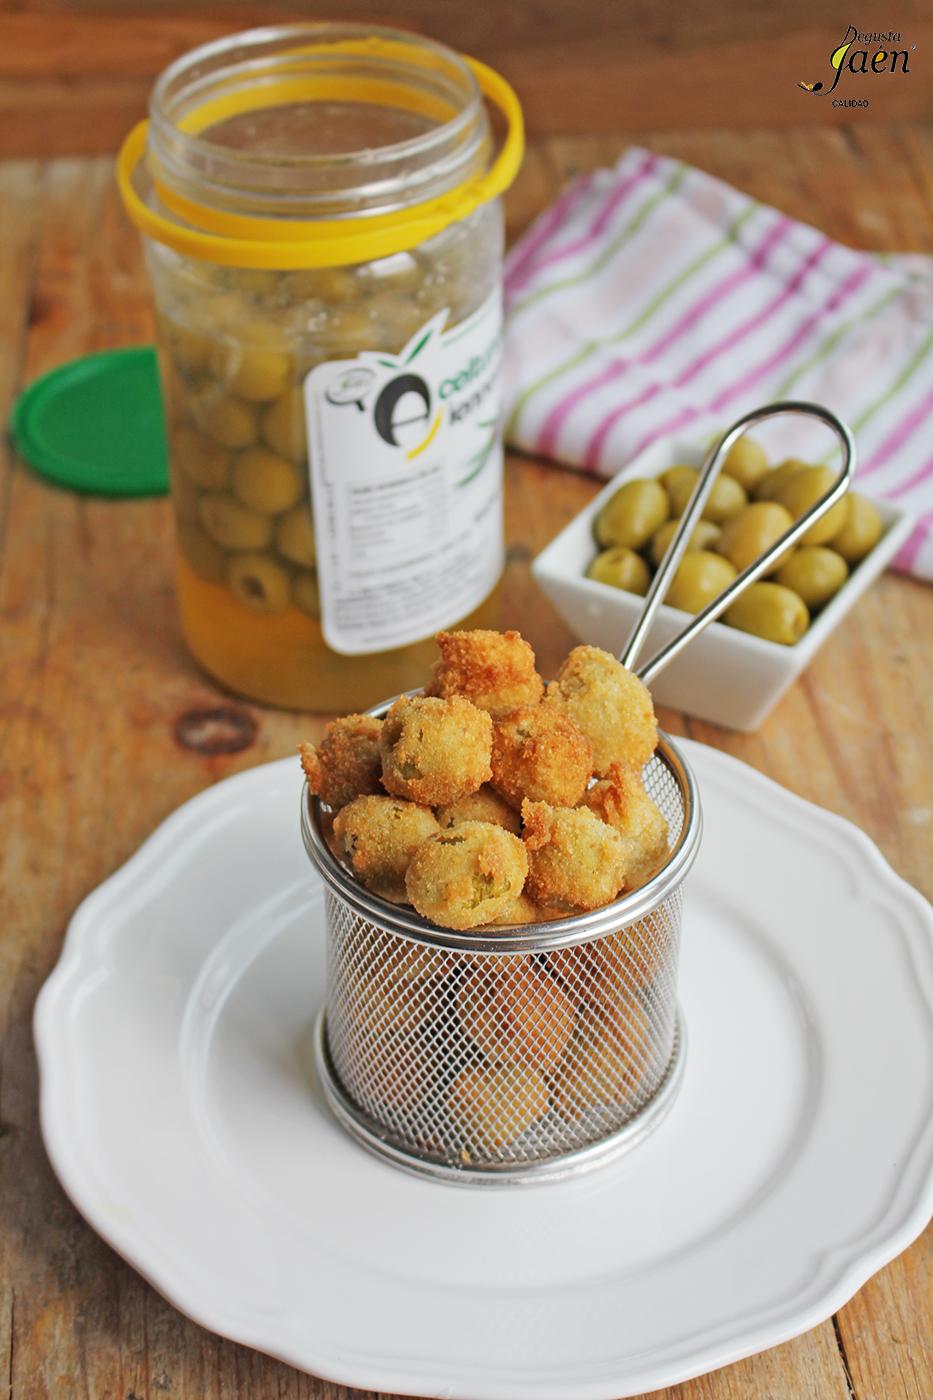 Aceitunas rebozadas Degusta Jaen (2)